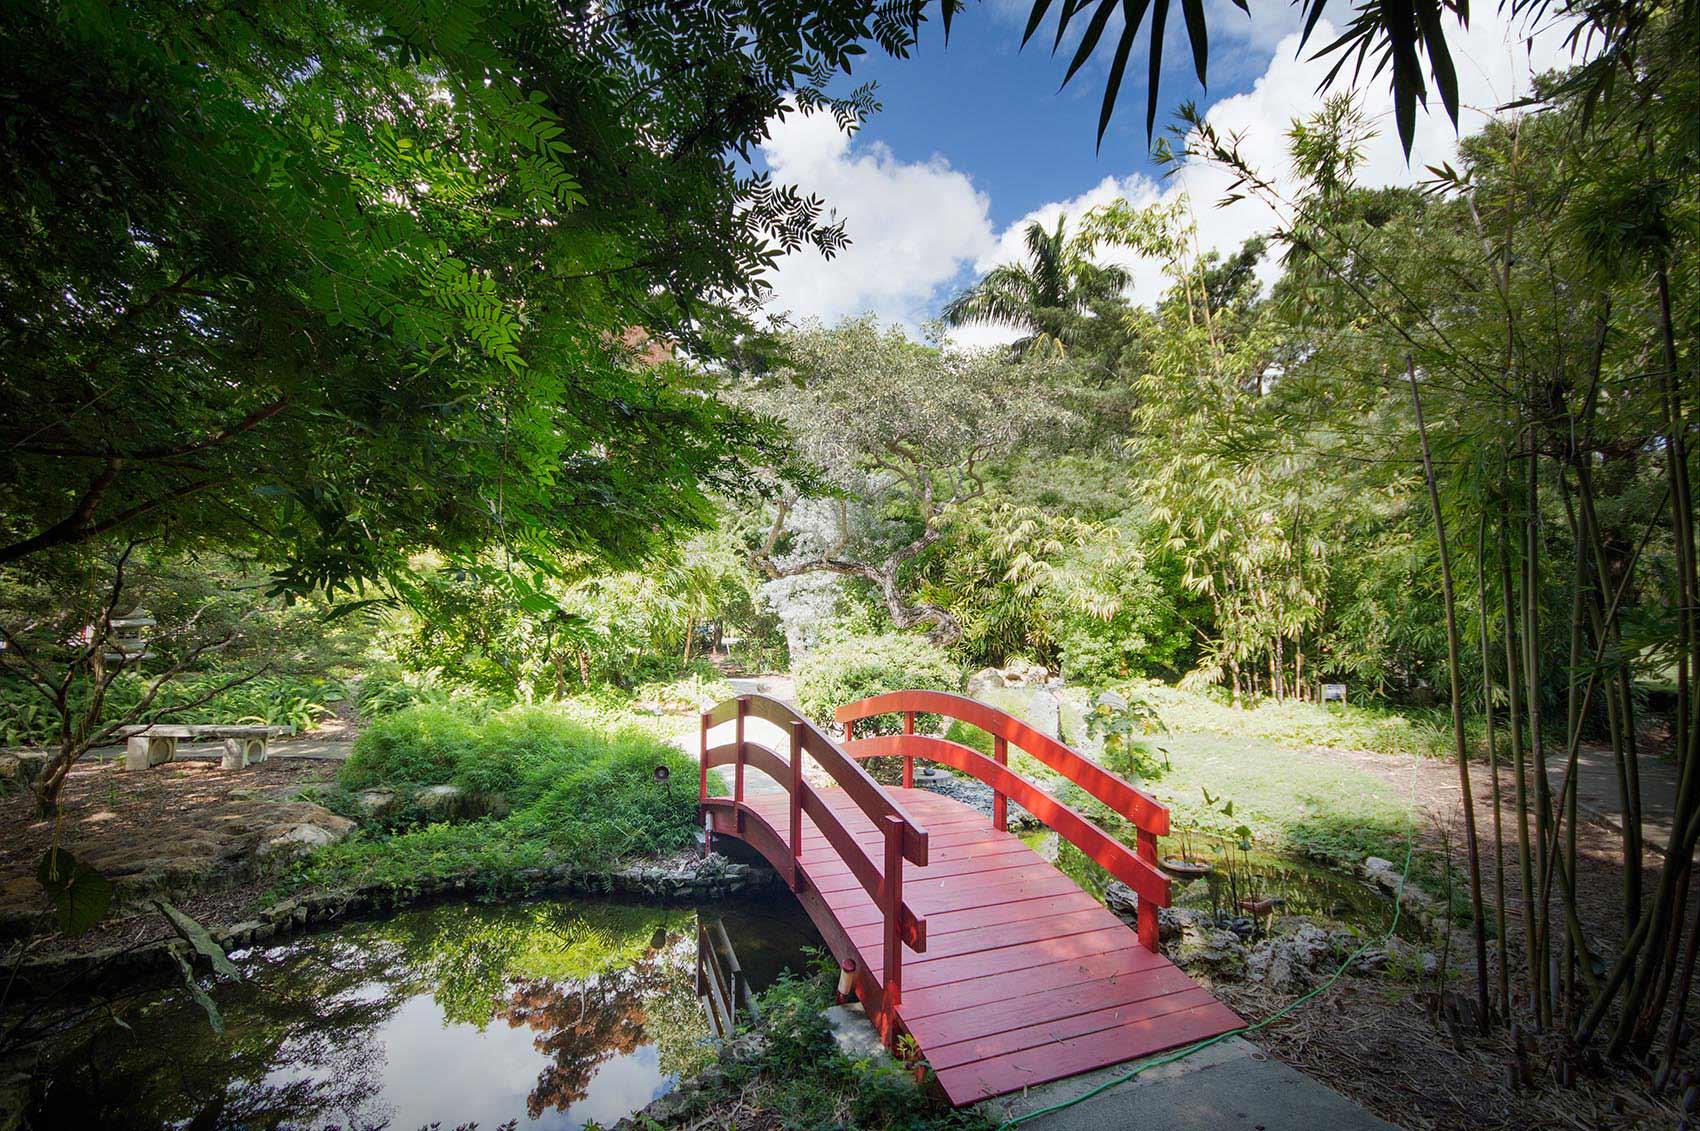 Miami beach botanical garden entrance fee garden ftempo for Busch gardens ez pay phone number